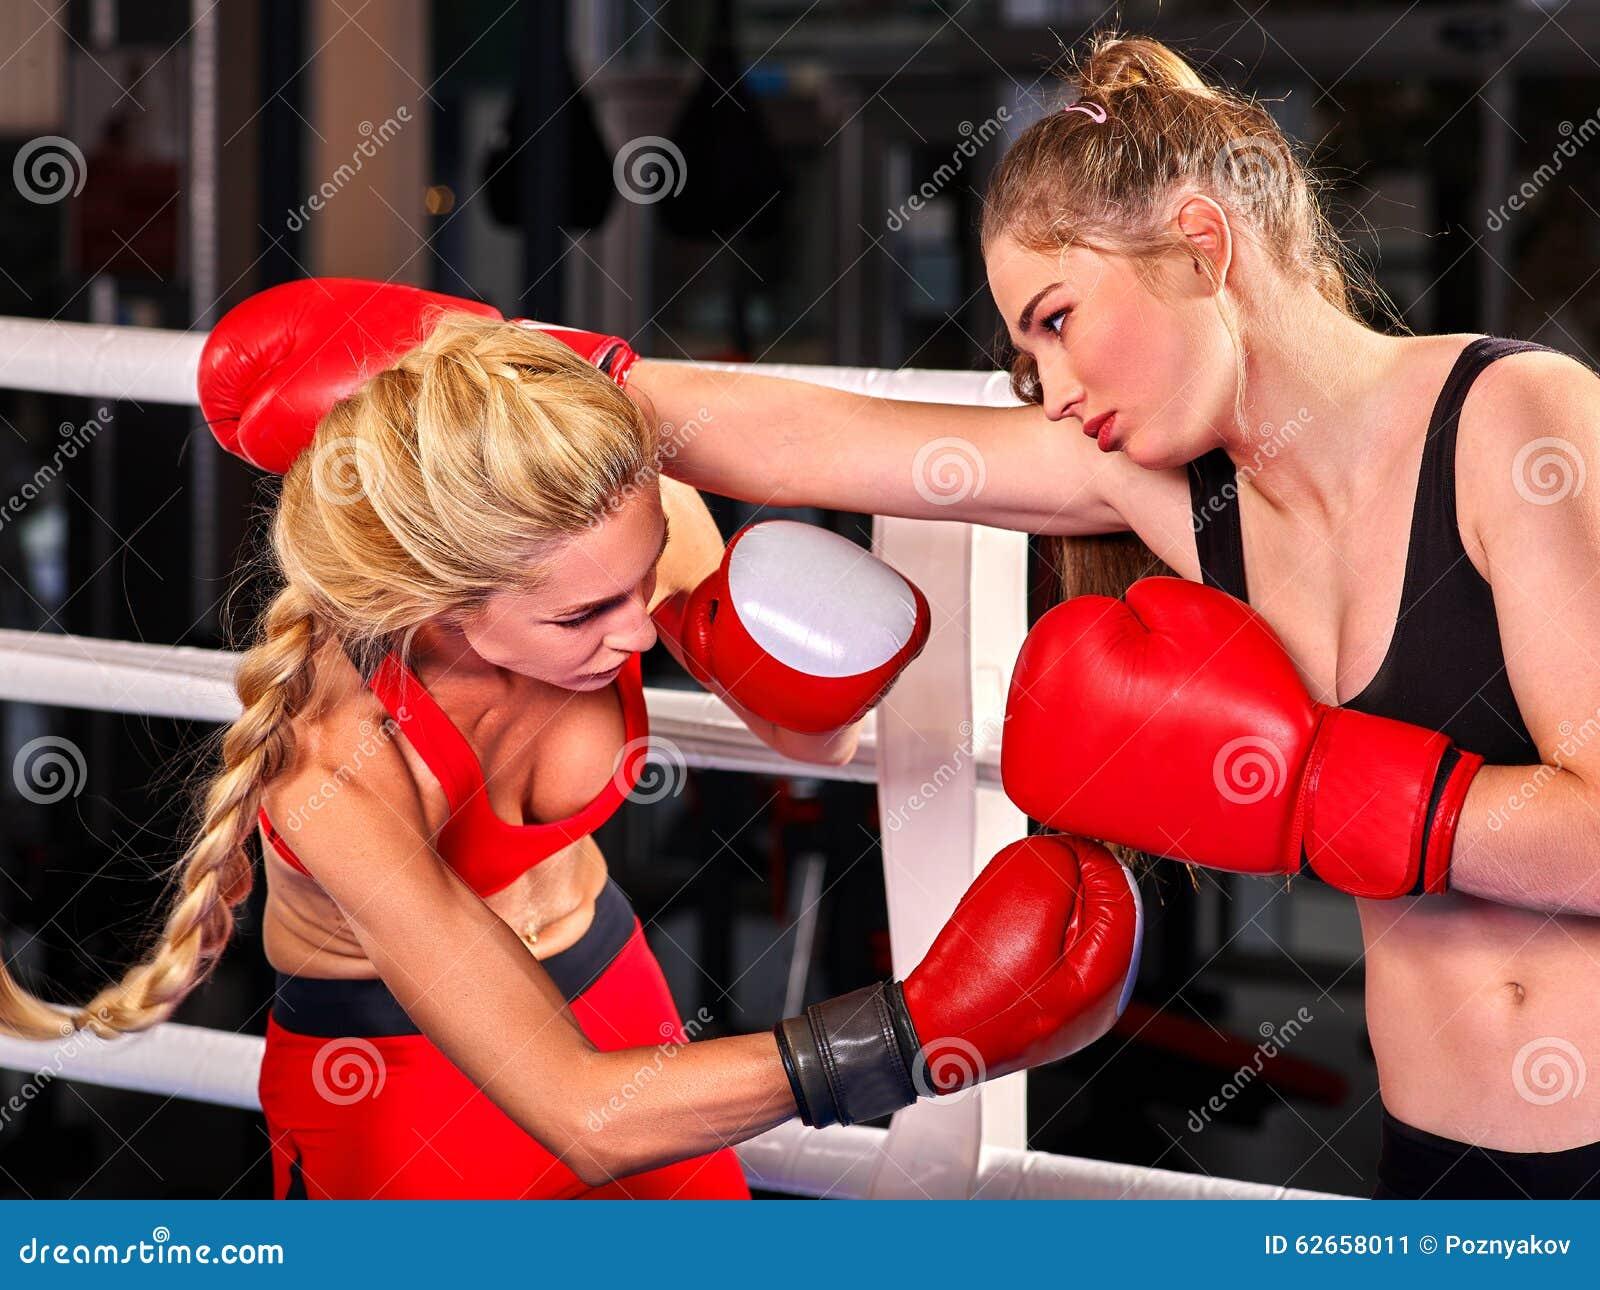 Gants de boxe enfant initiation rose - METAL BOXE